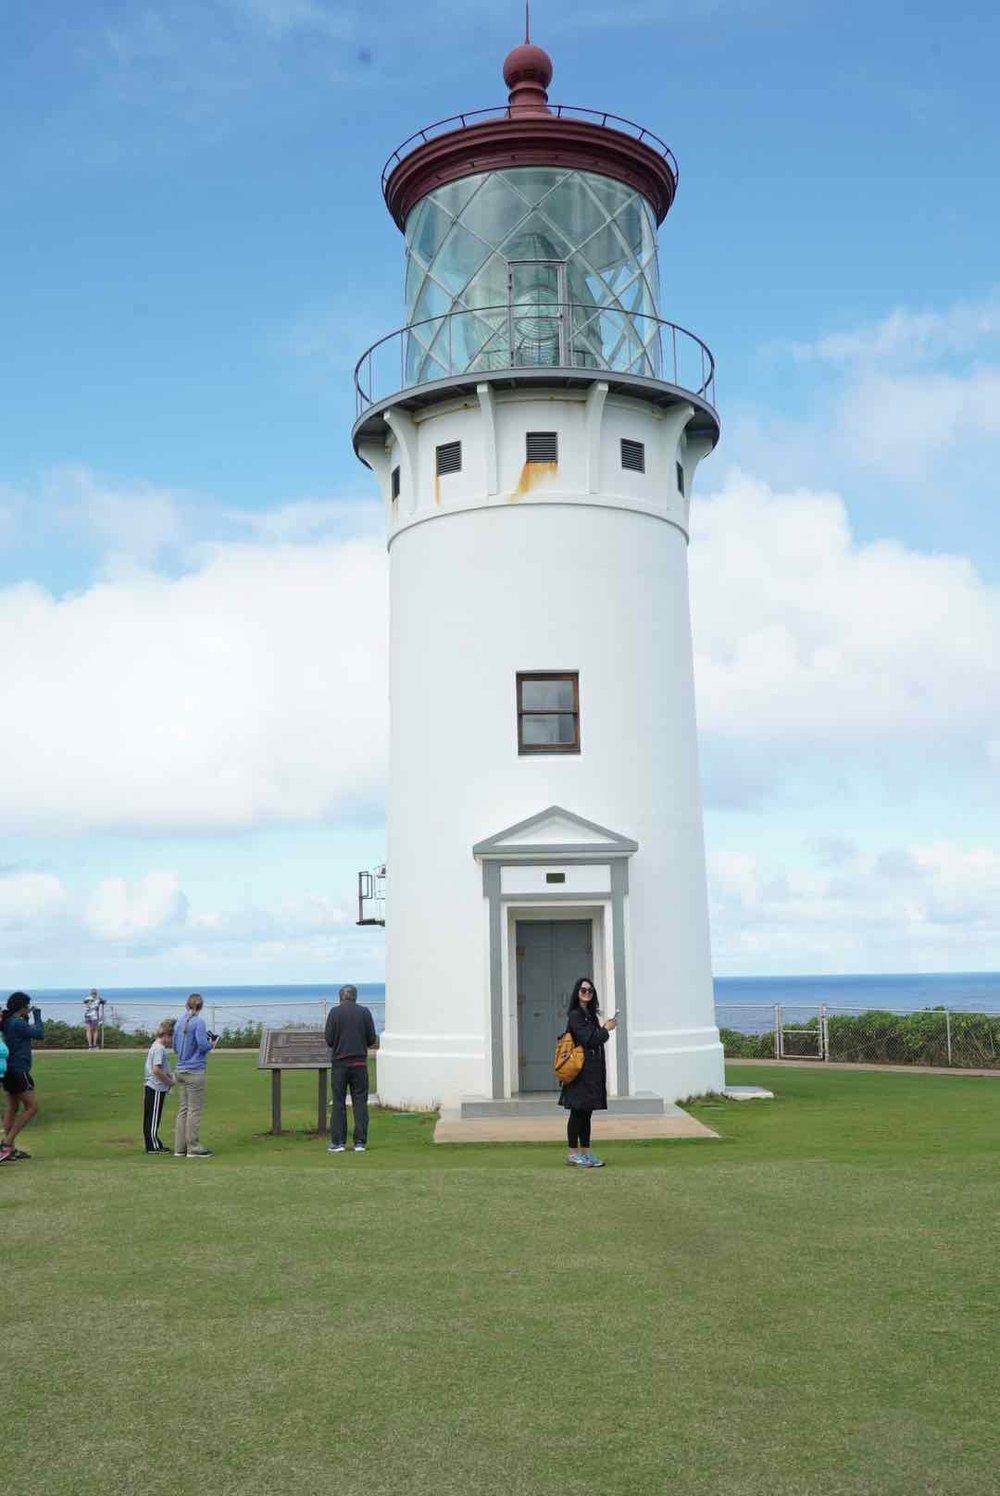 kauai-lighthouse.jpg